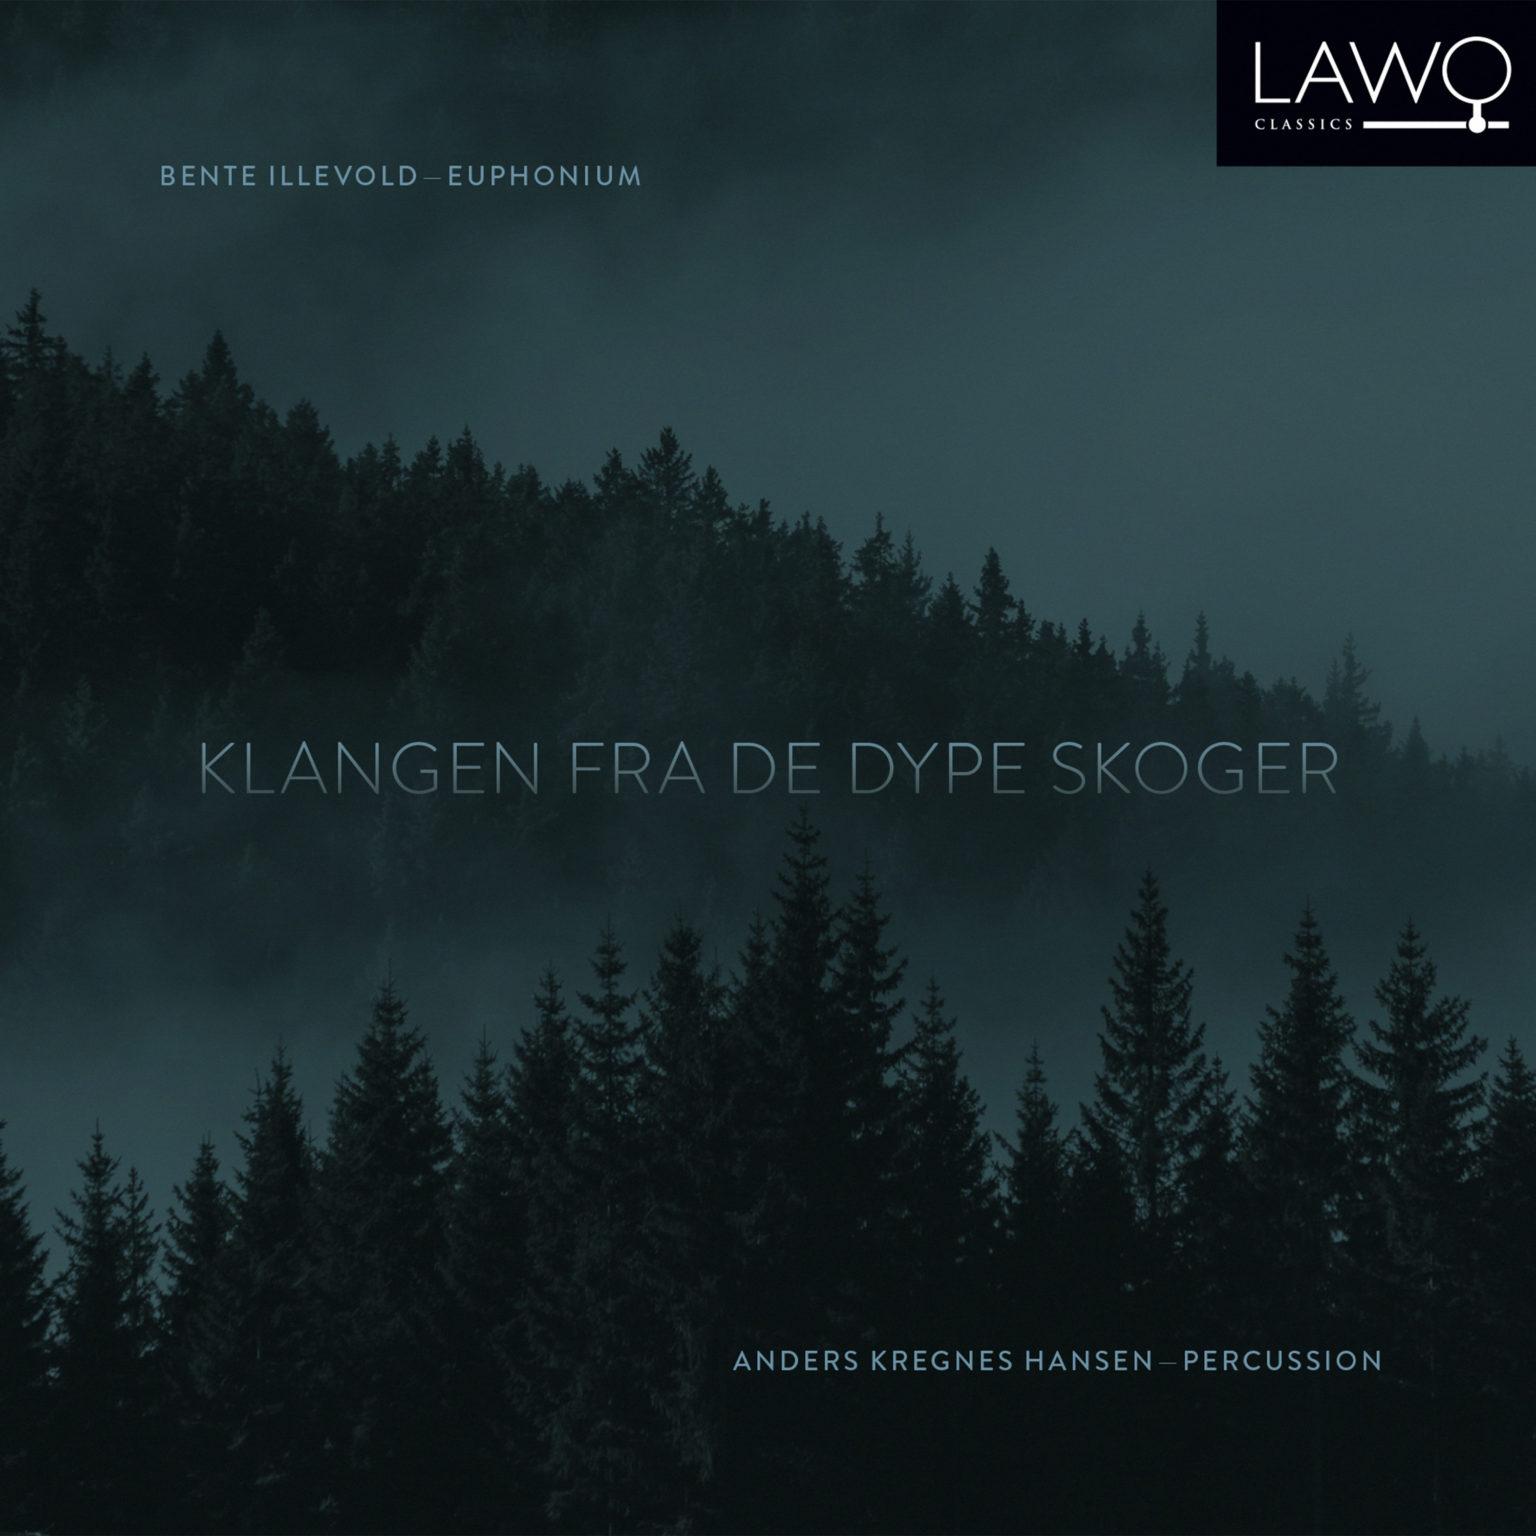 Click image for larger version.  Name:LWC1195_Bente_Illevold_Klangen_fra_de_dype_skoger_cover_3000x3000px-1536x1536.jpg Views:307 Size:174.8 KB ID:7720